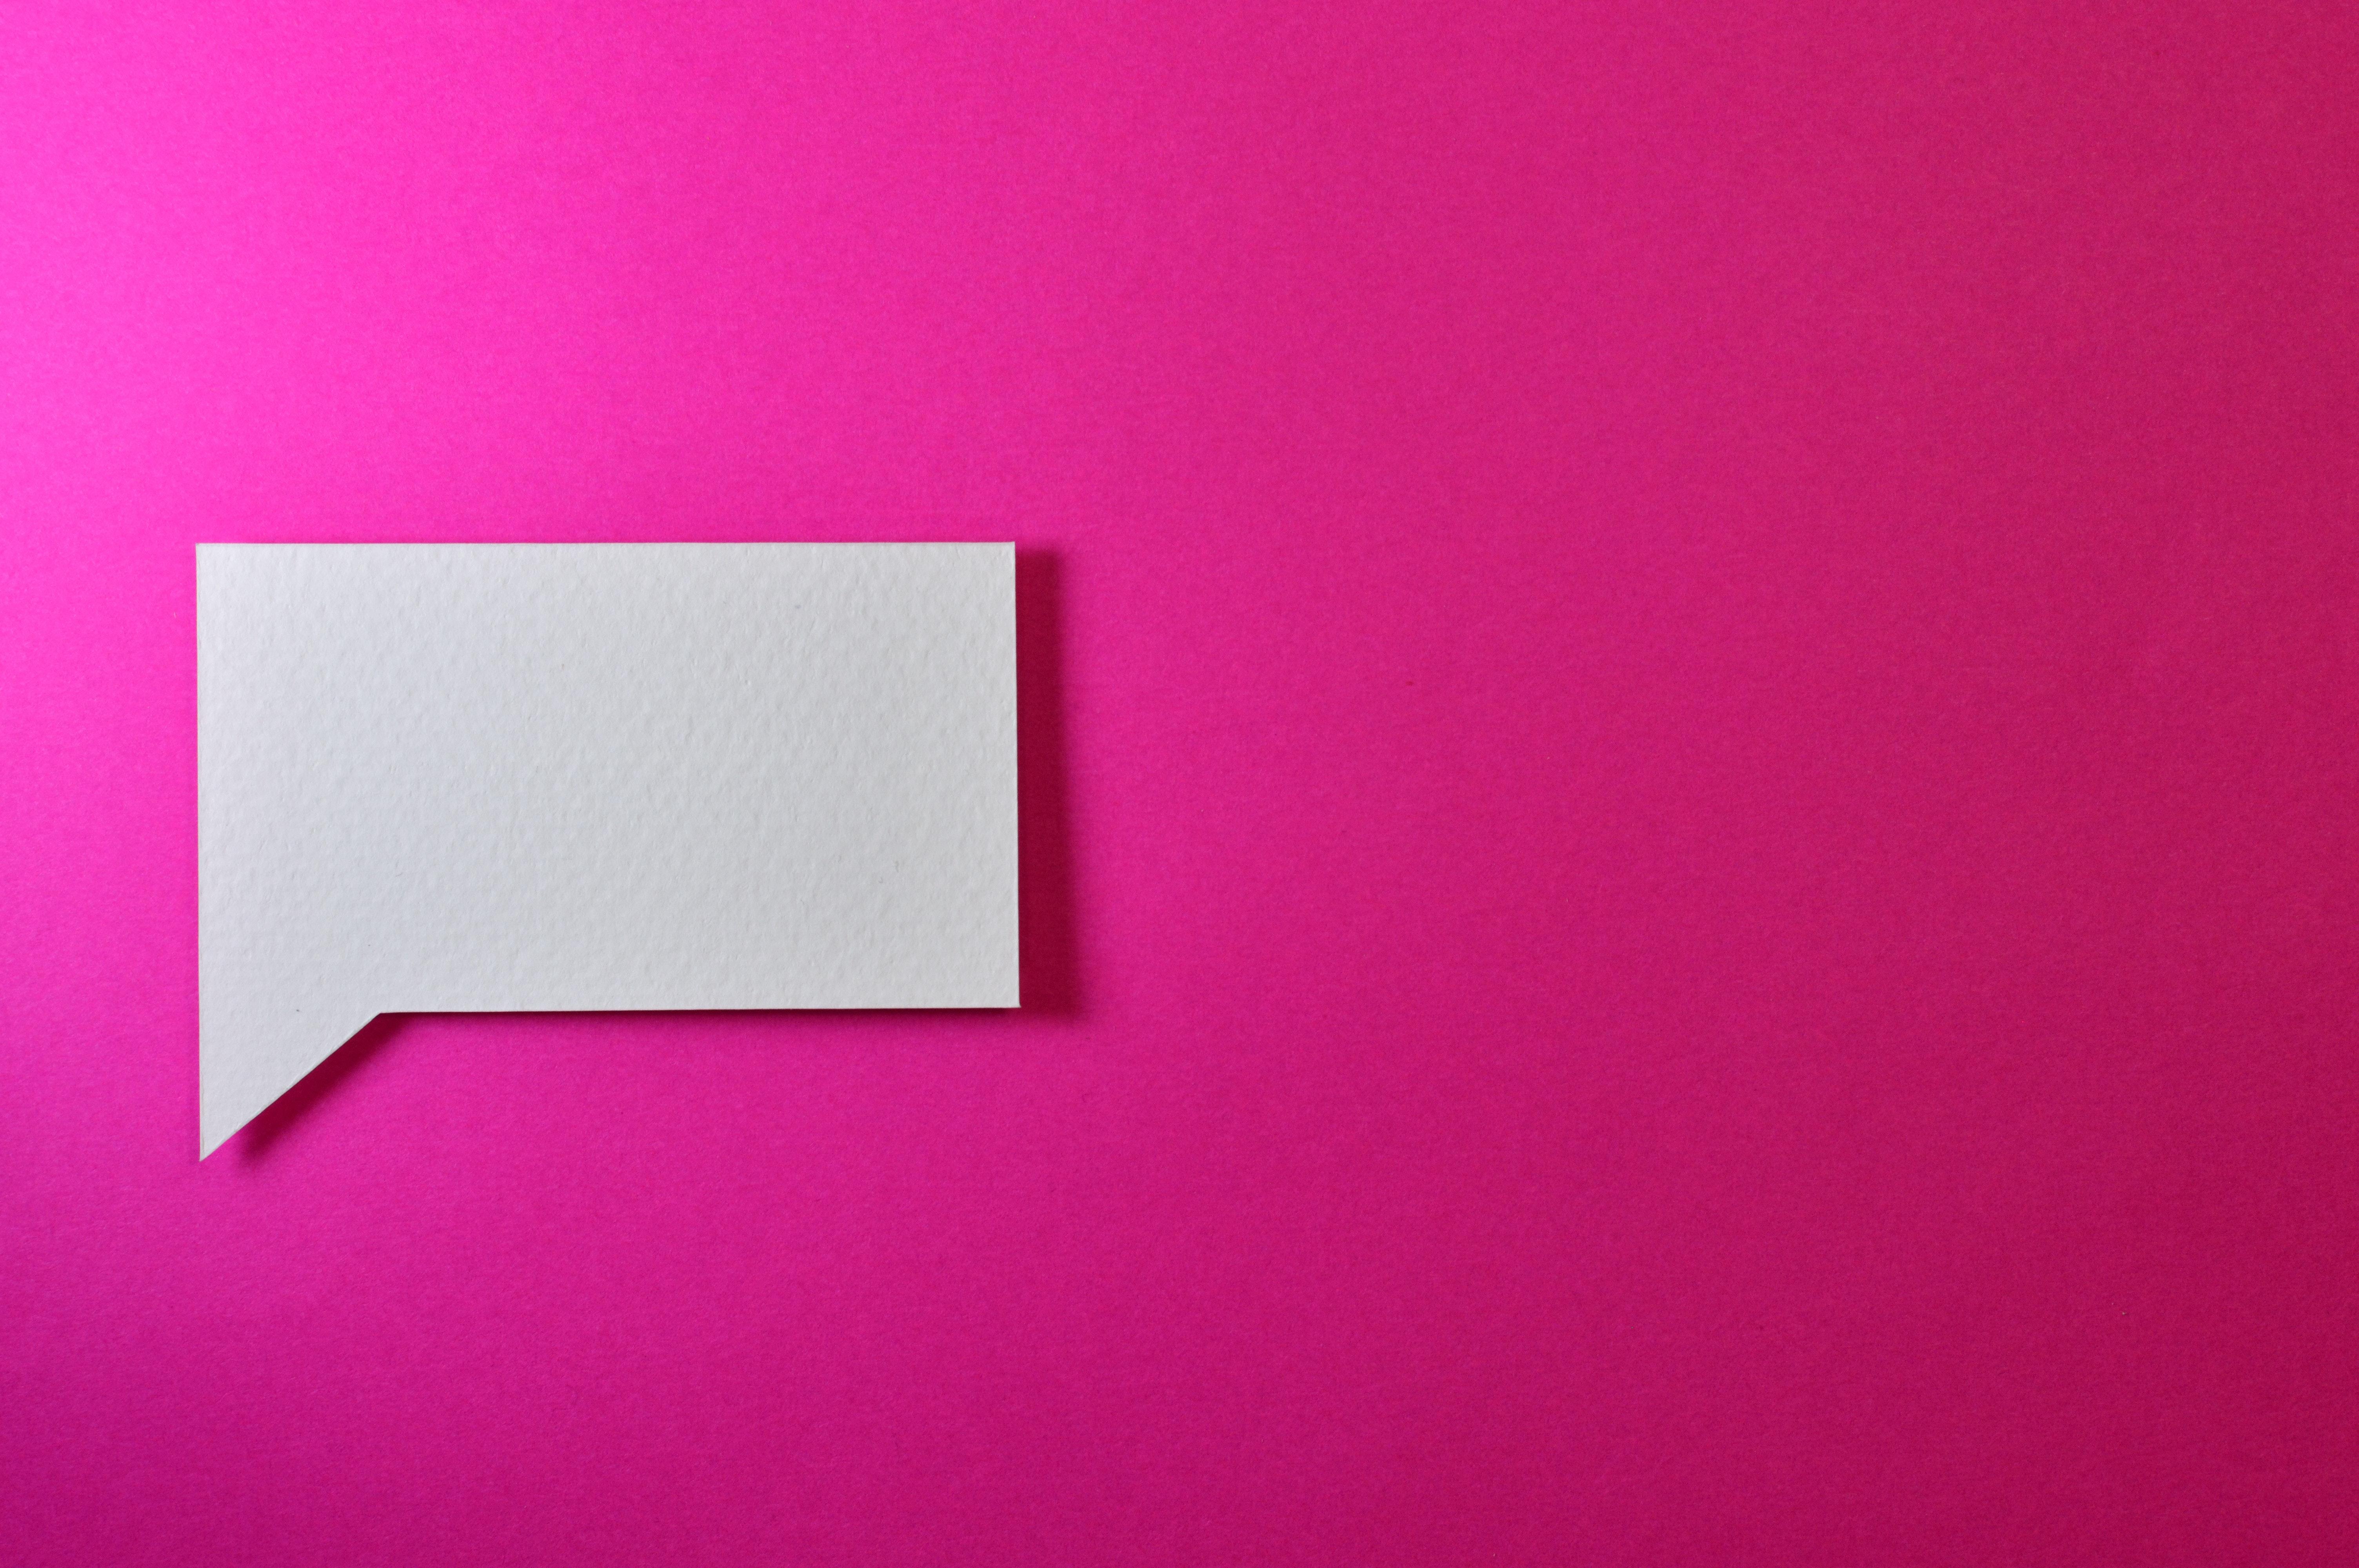 art-blank-blank-space-1111367